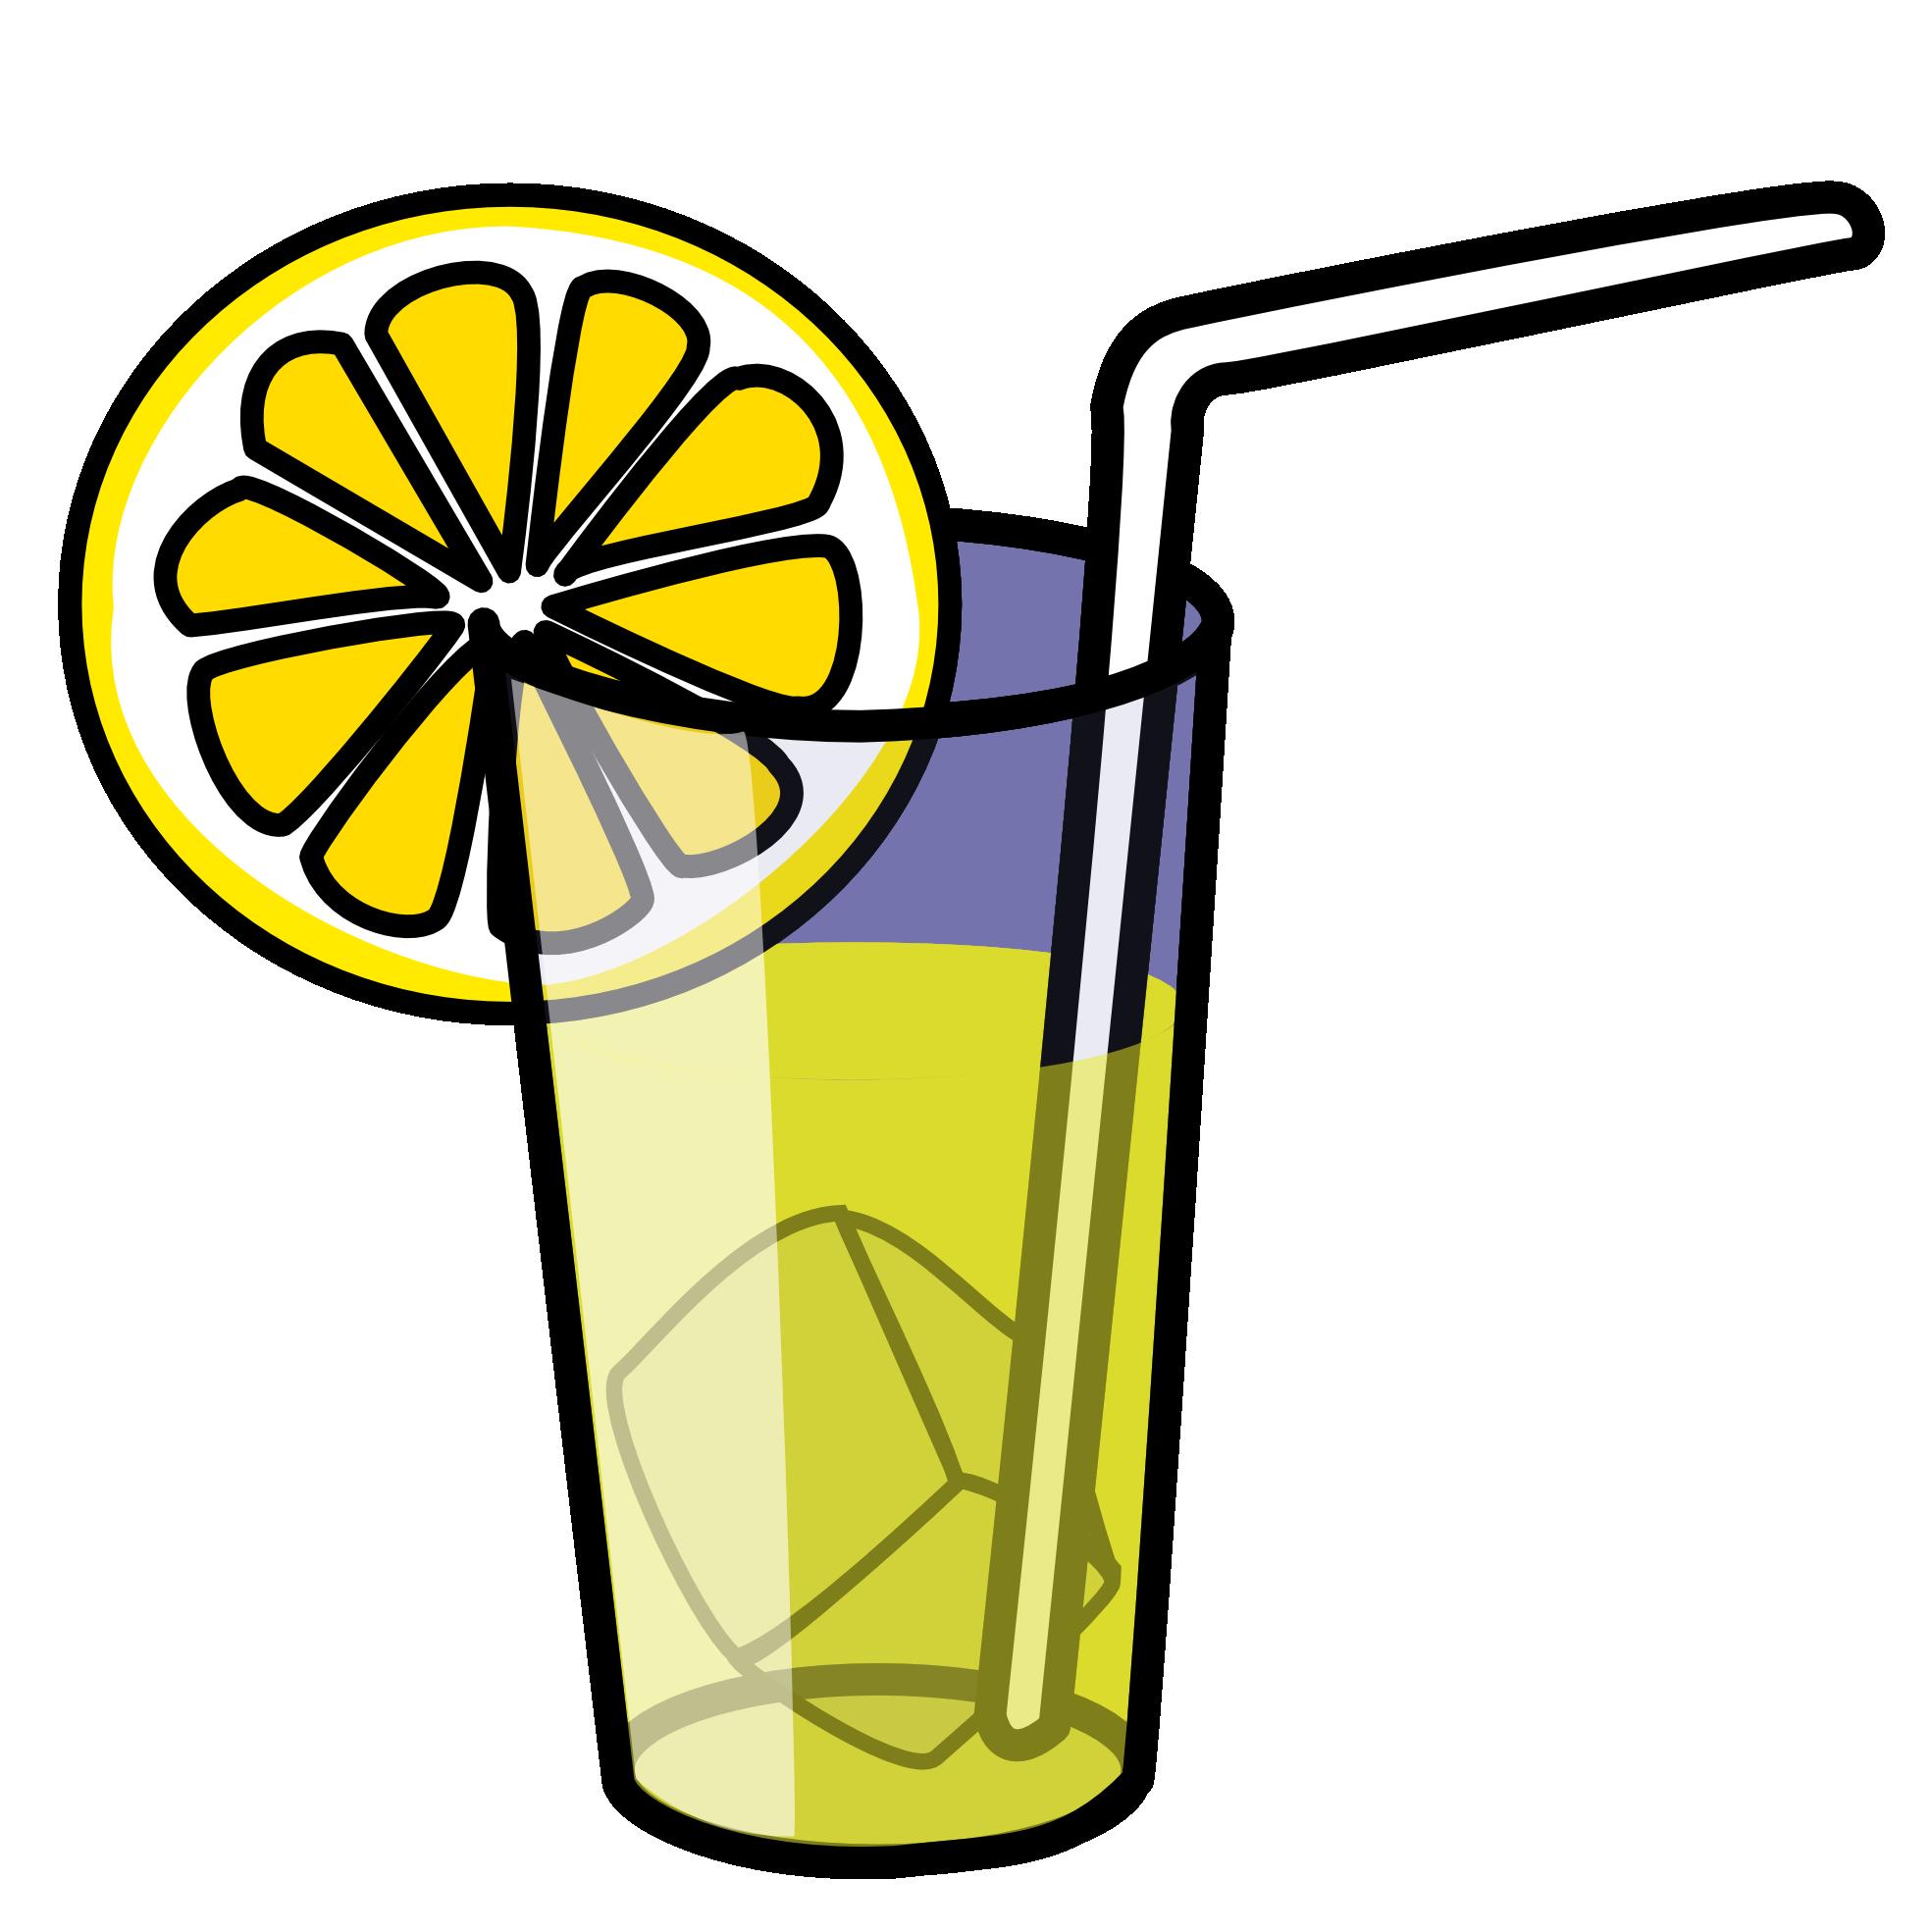 juice Lemon Clipart.